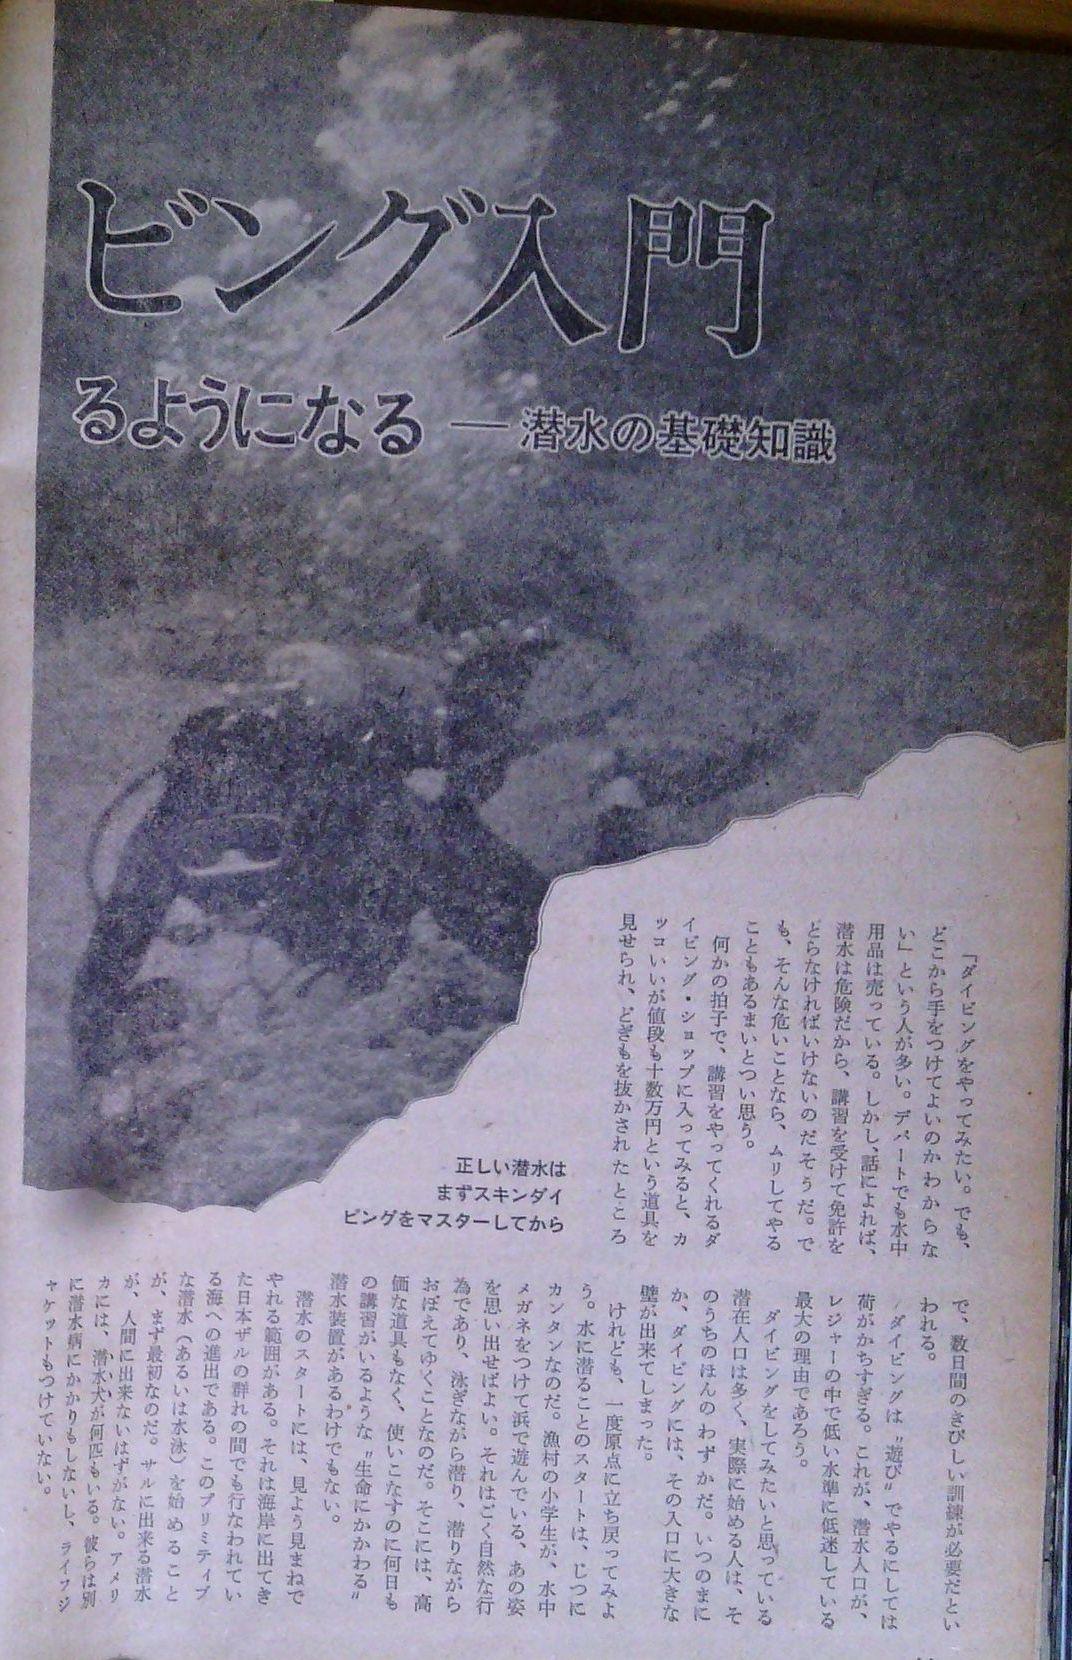 0513 ダイビングの歴史 70 海の世界 1974年 5月_b0075059_13125175.jpg